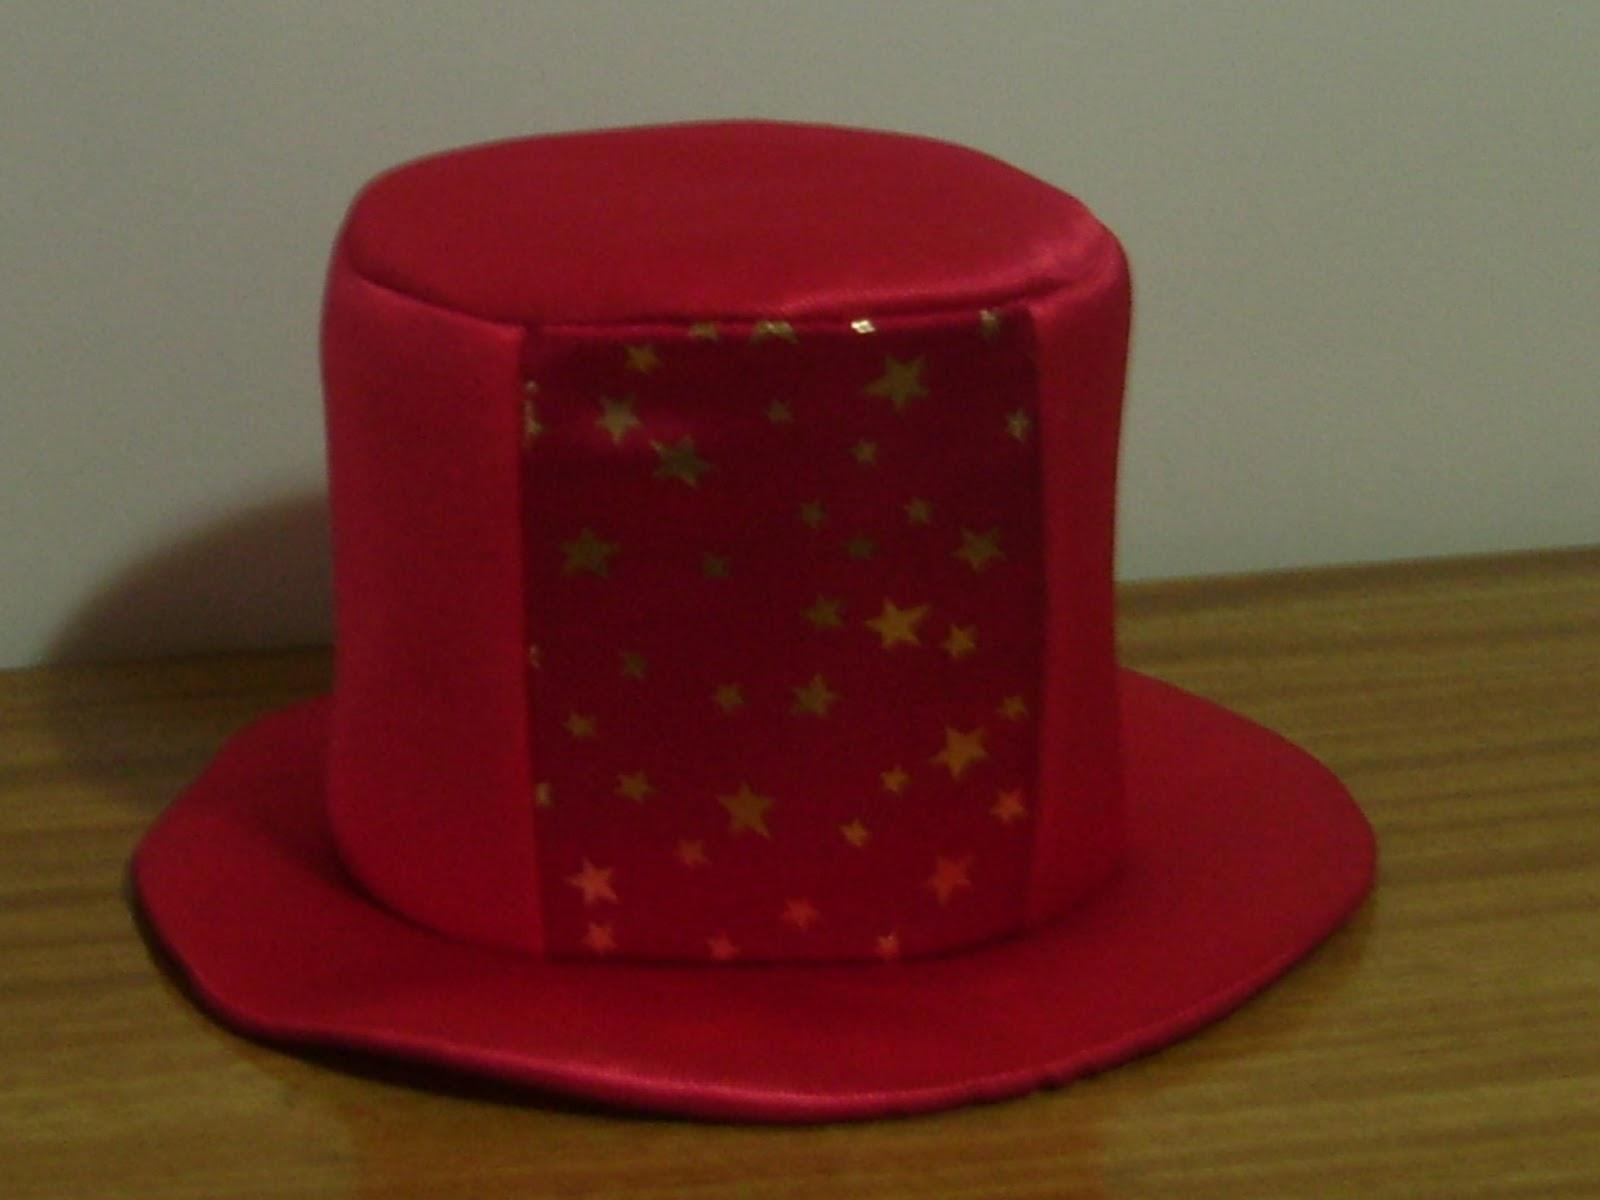 Moldes de sombreros de goma espuma Buscar con t 61c74277638